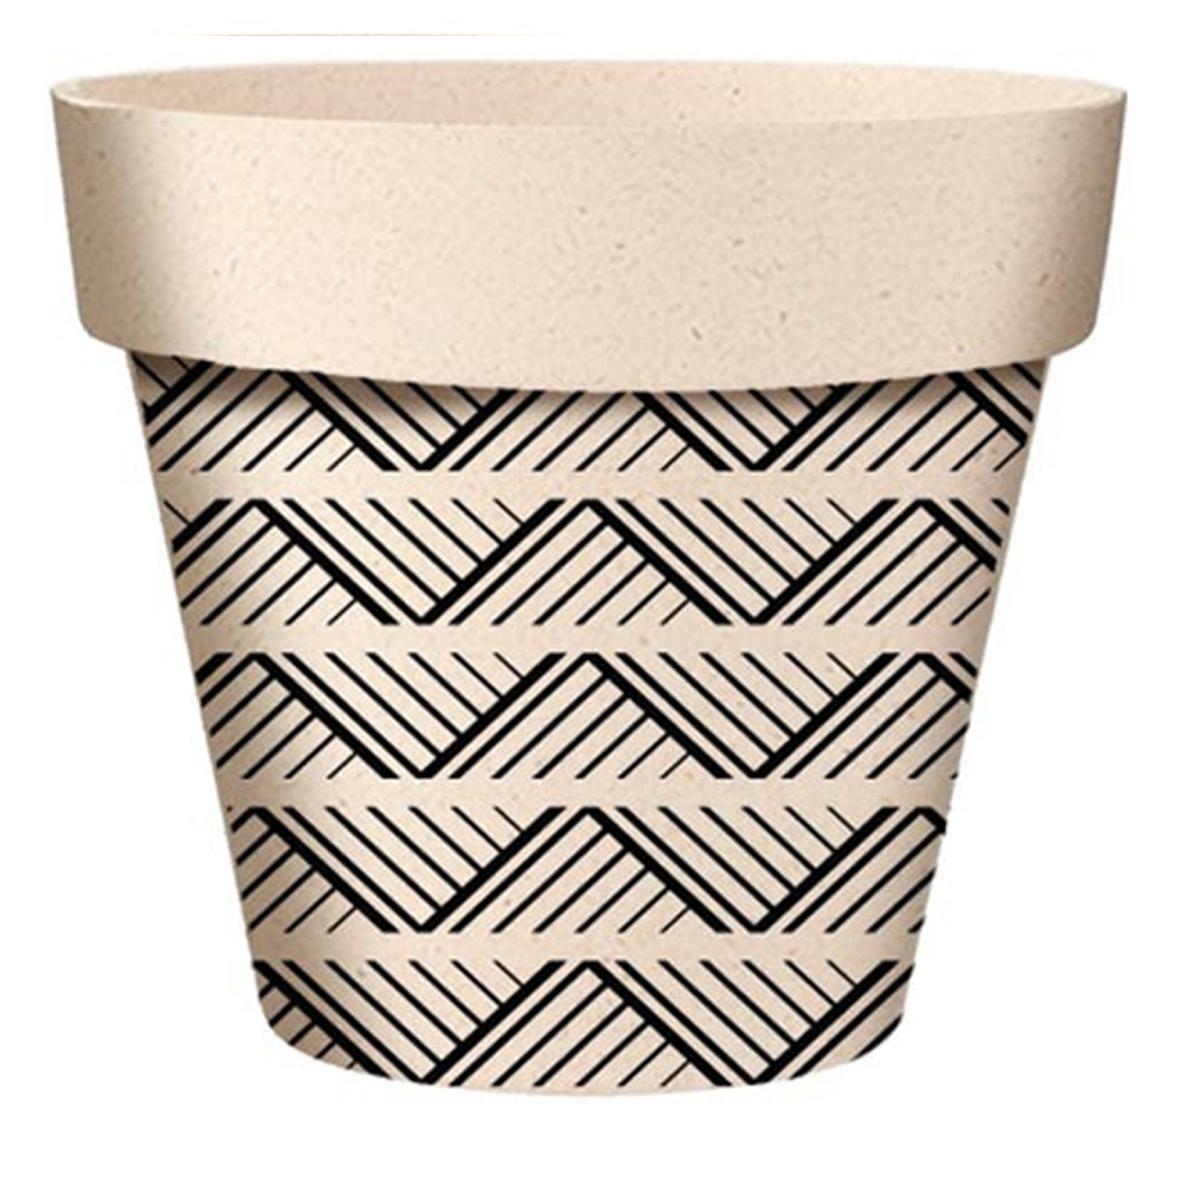 Cache-pot bambou \'Boho\' noir beige -  7x6 cm - [A2070]